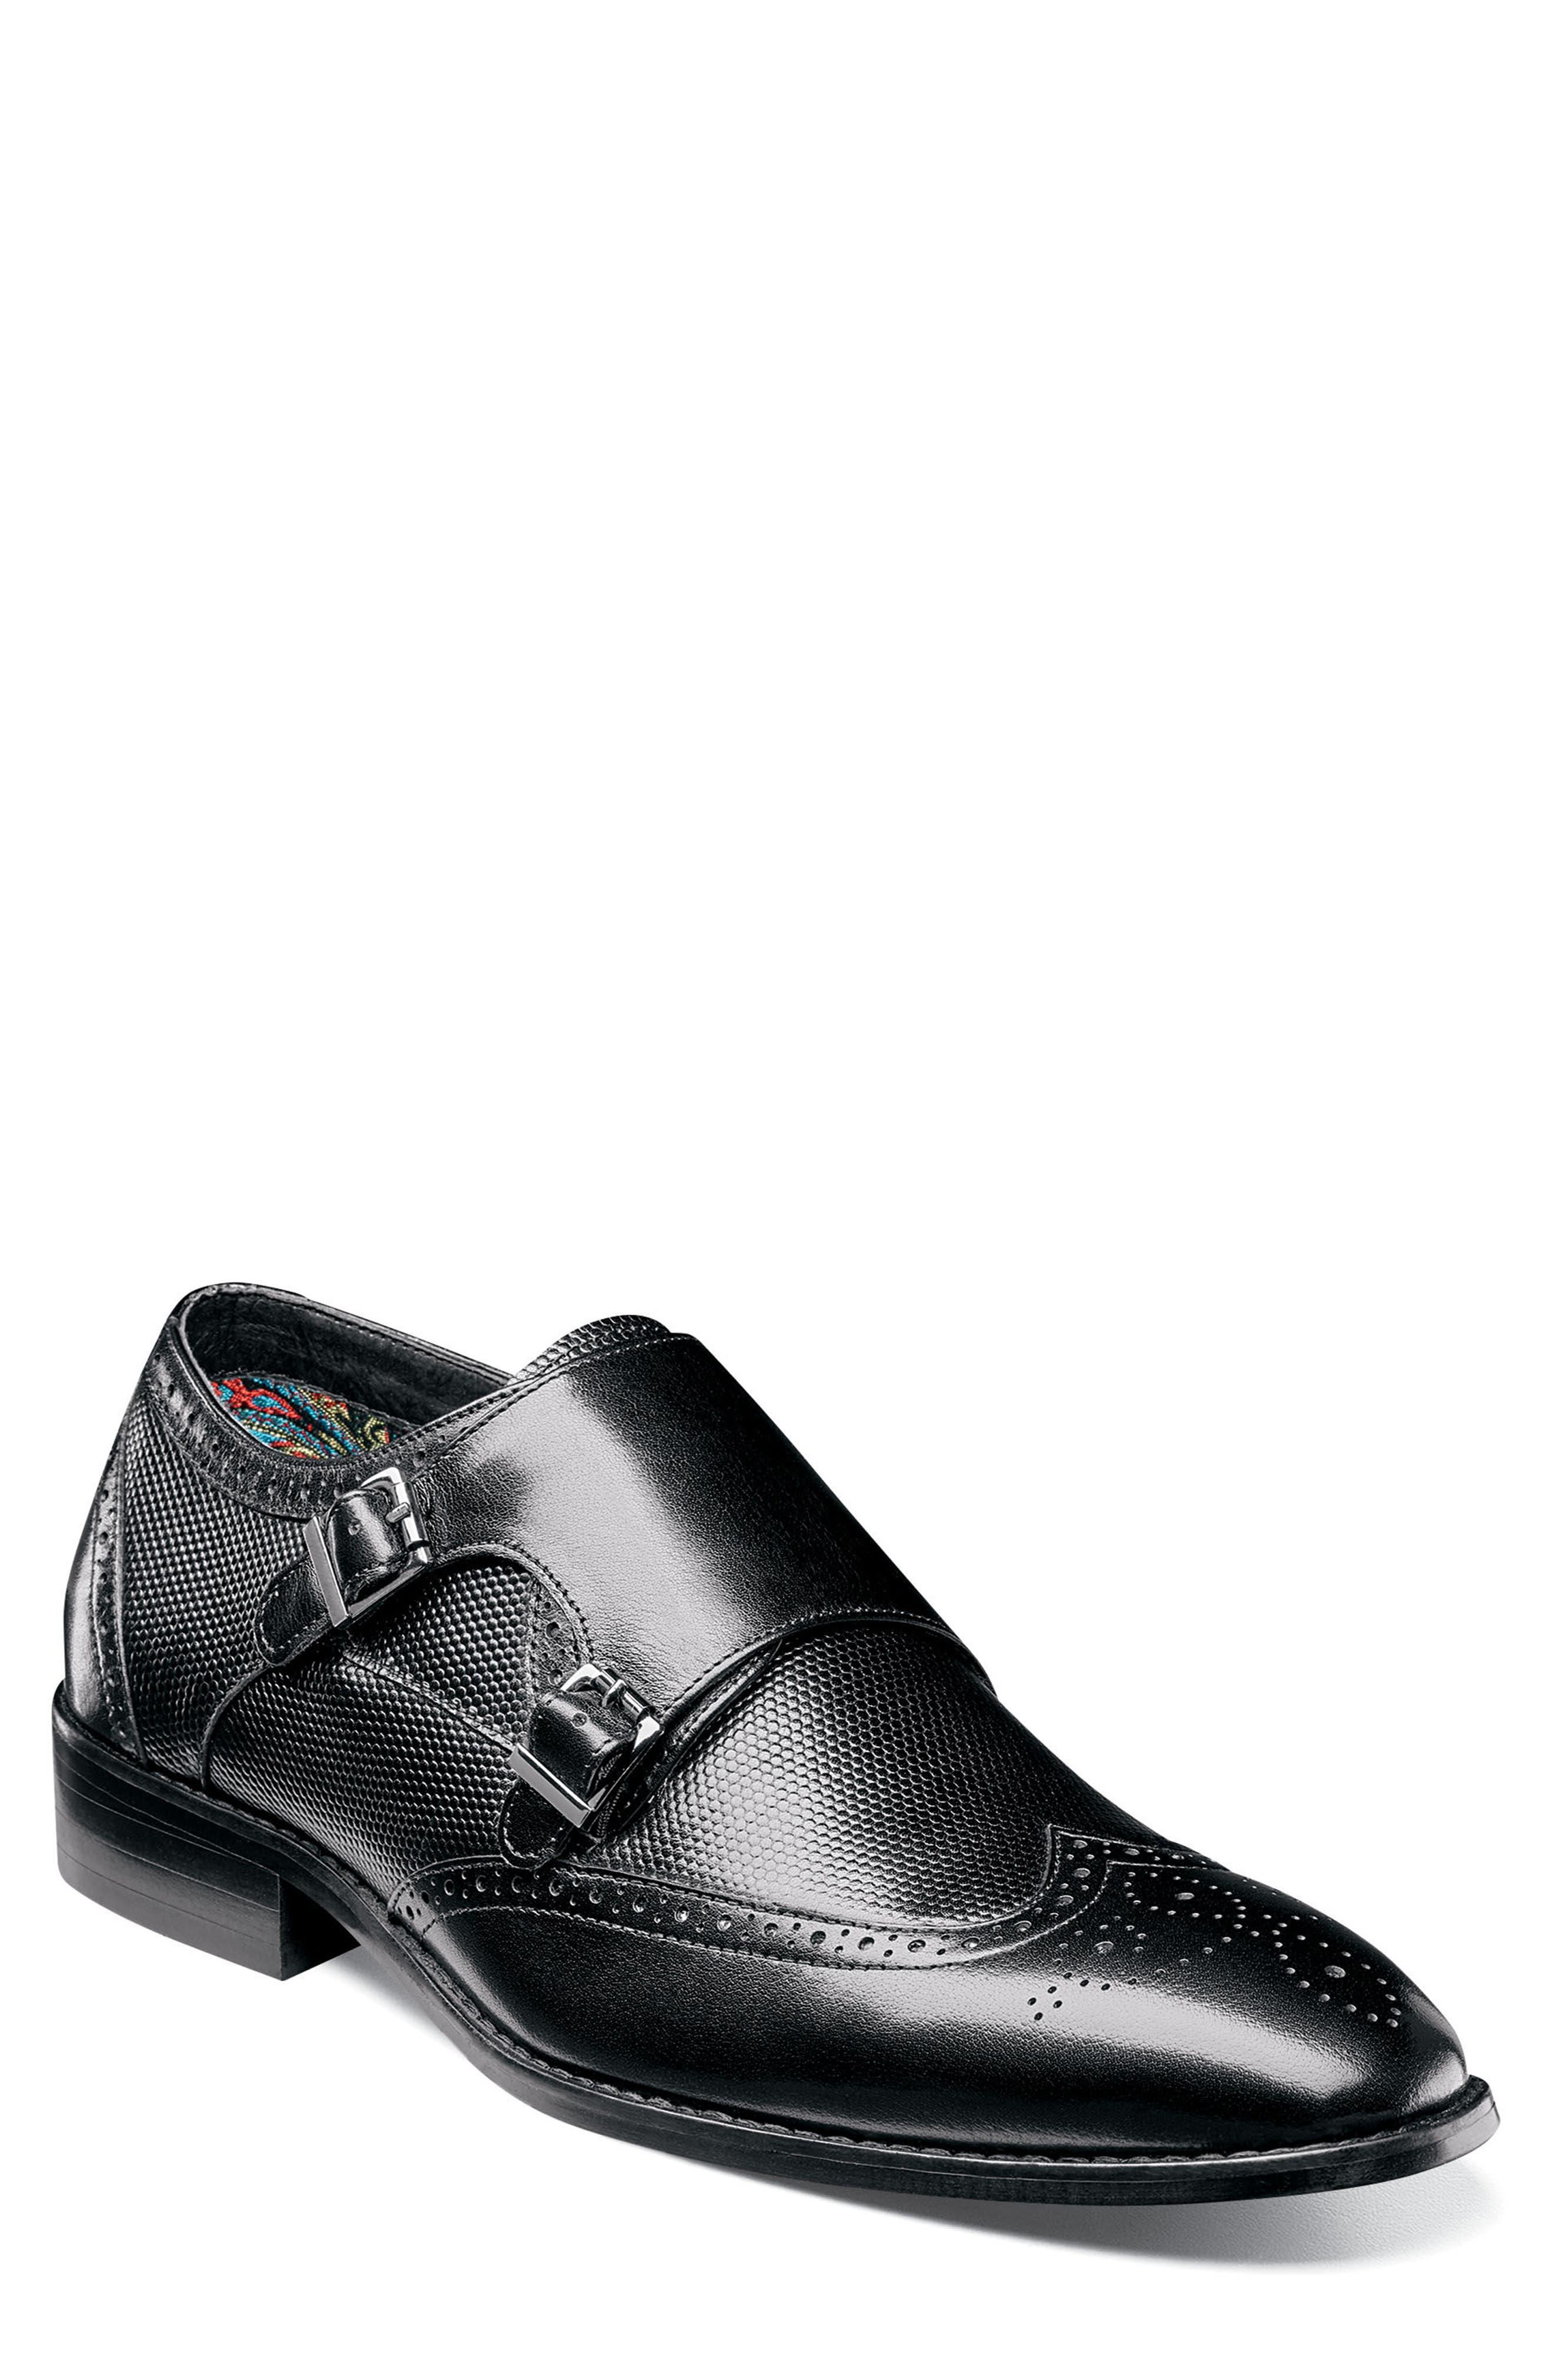 Lavine Wingtip Monk Shoe,                         Main,                         color, BLACK LEATHER